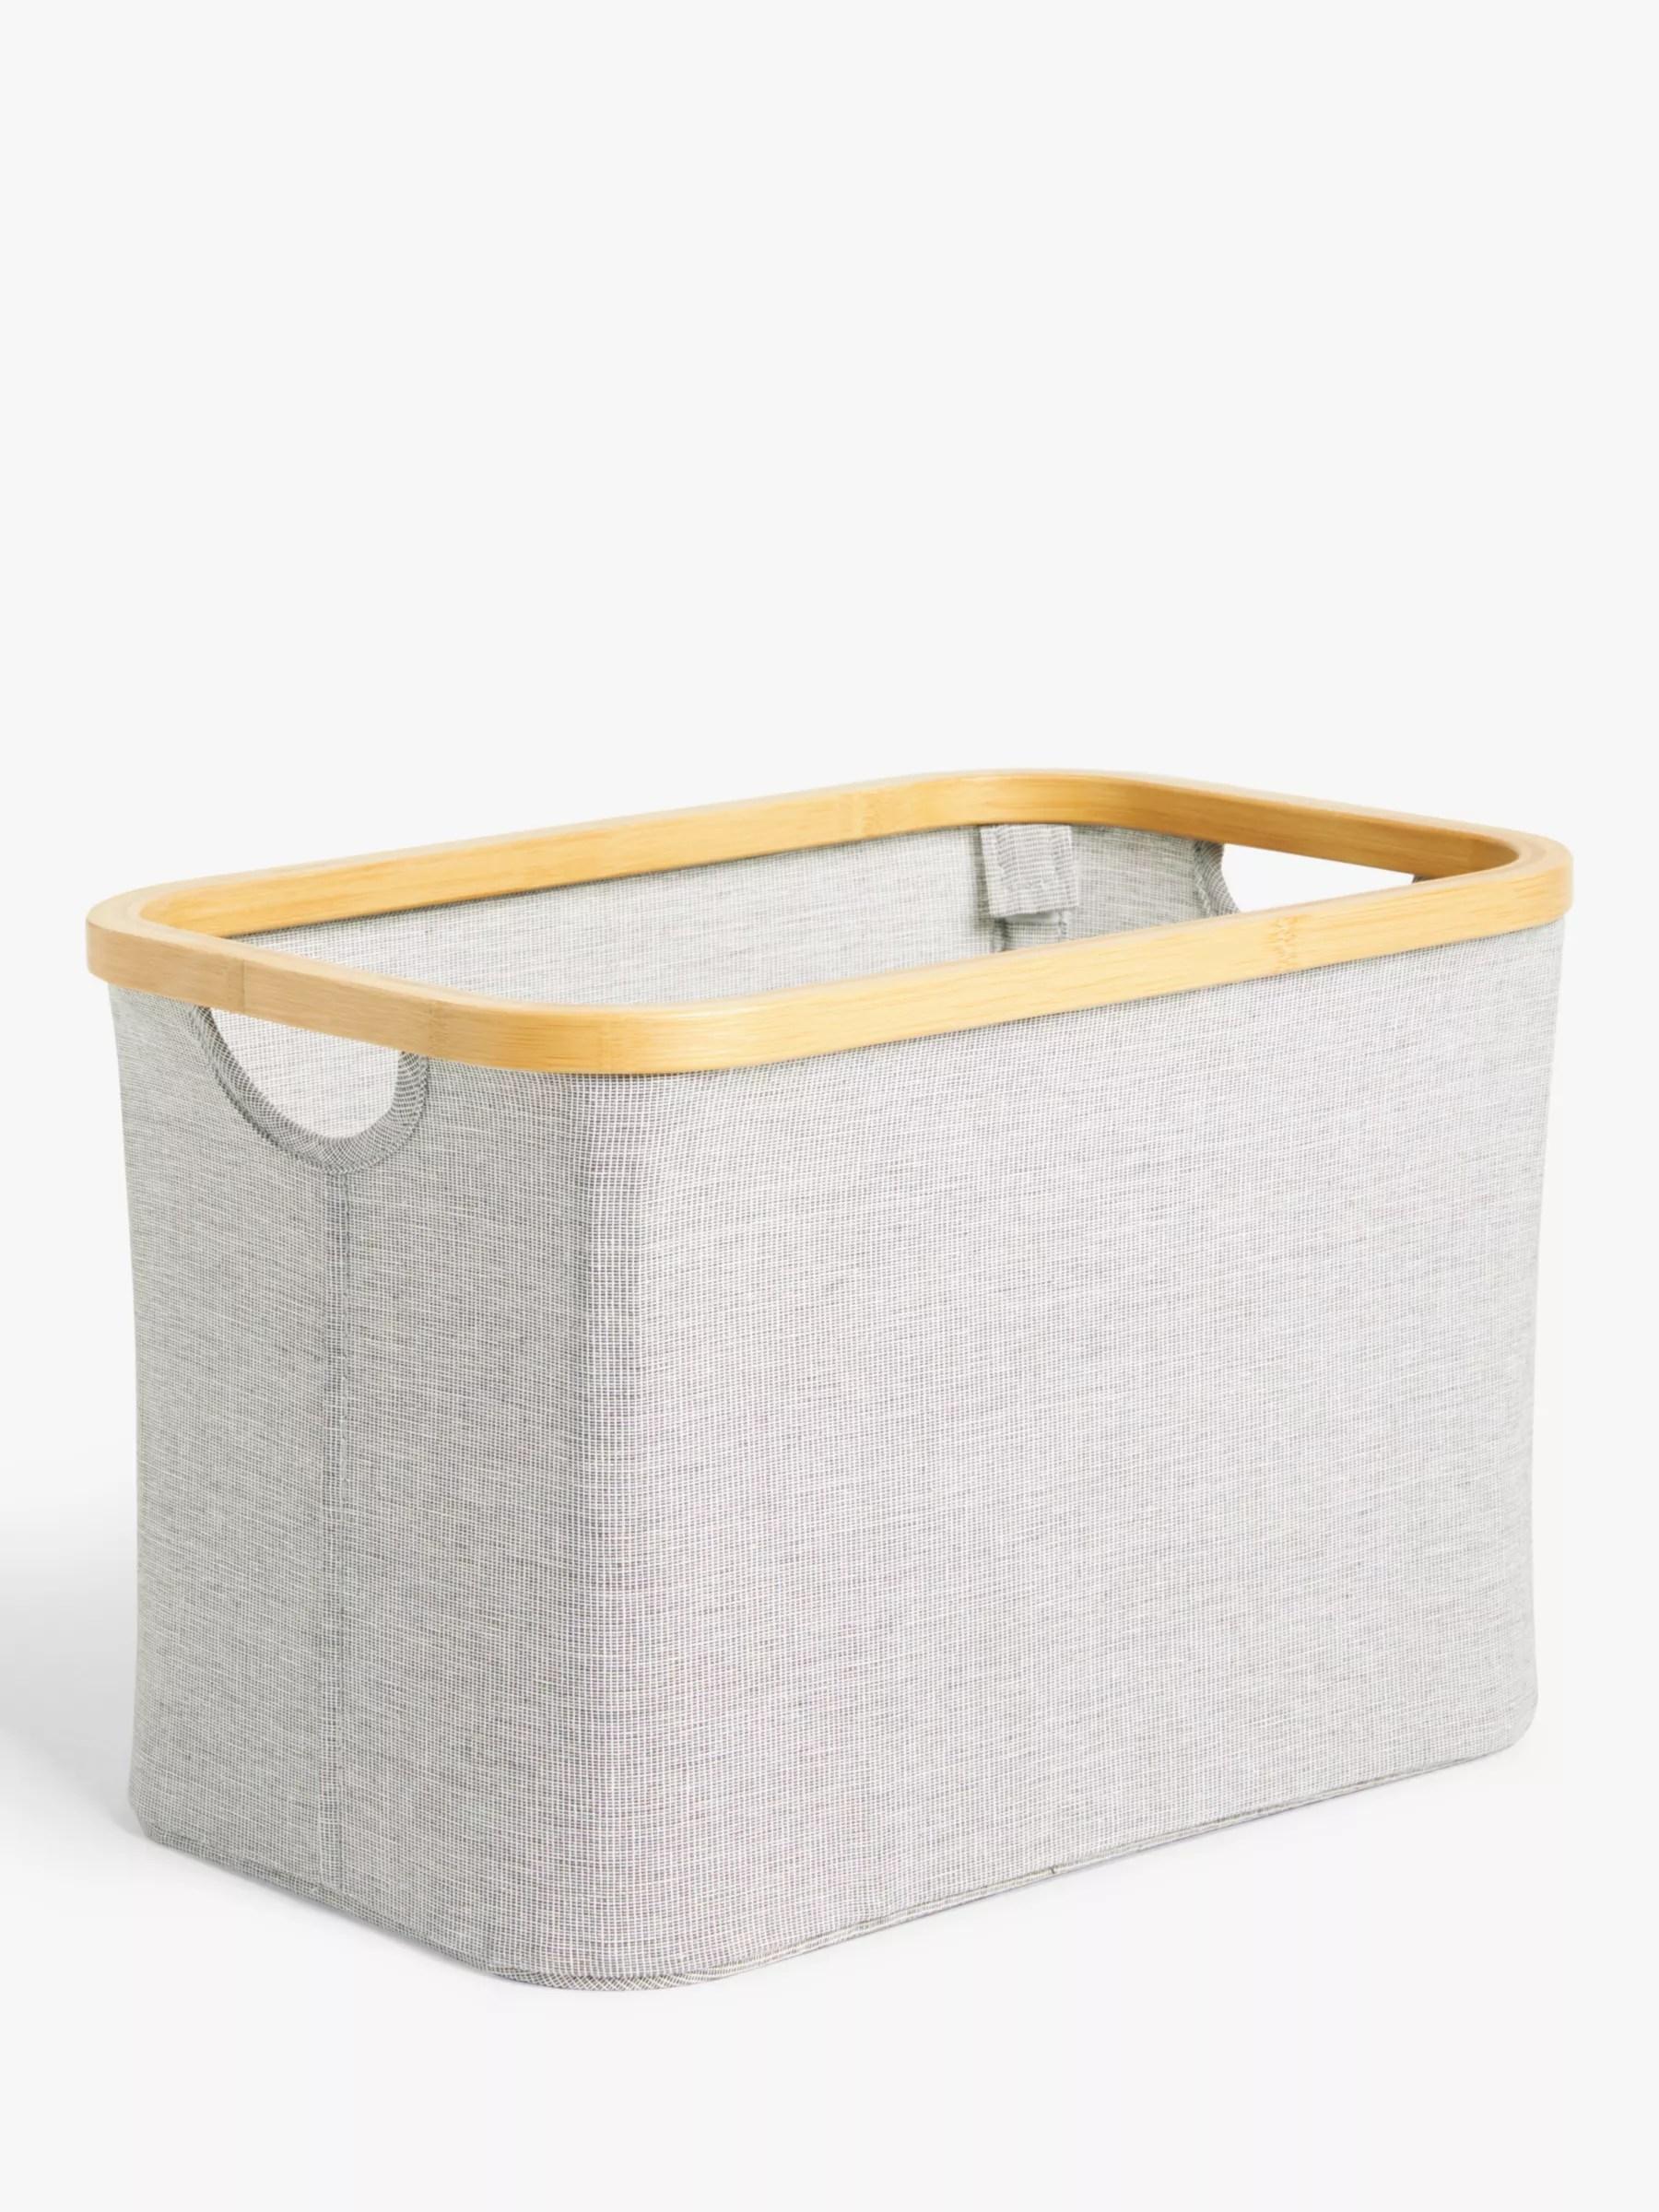 wedding dress storage box canada wedding dress storage box John Lewis Bamboo Rim Storage Basket At Johnlewis